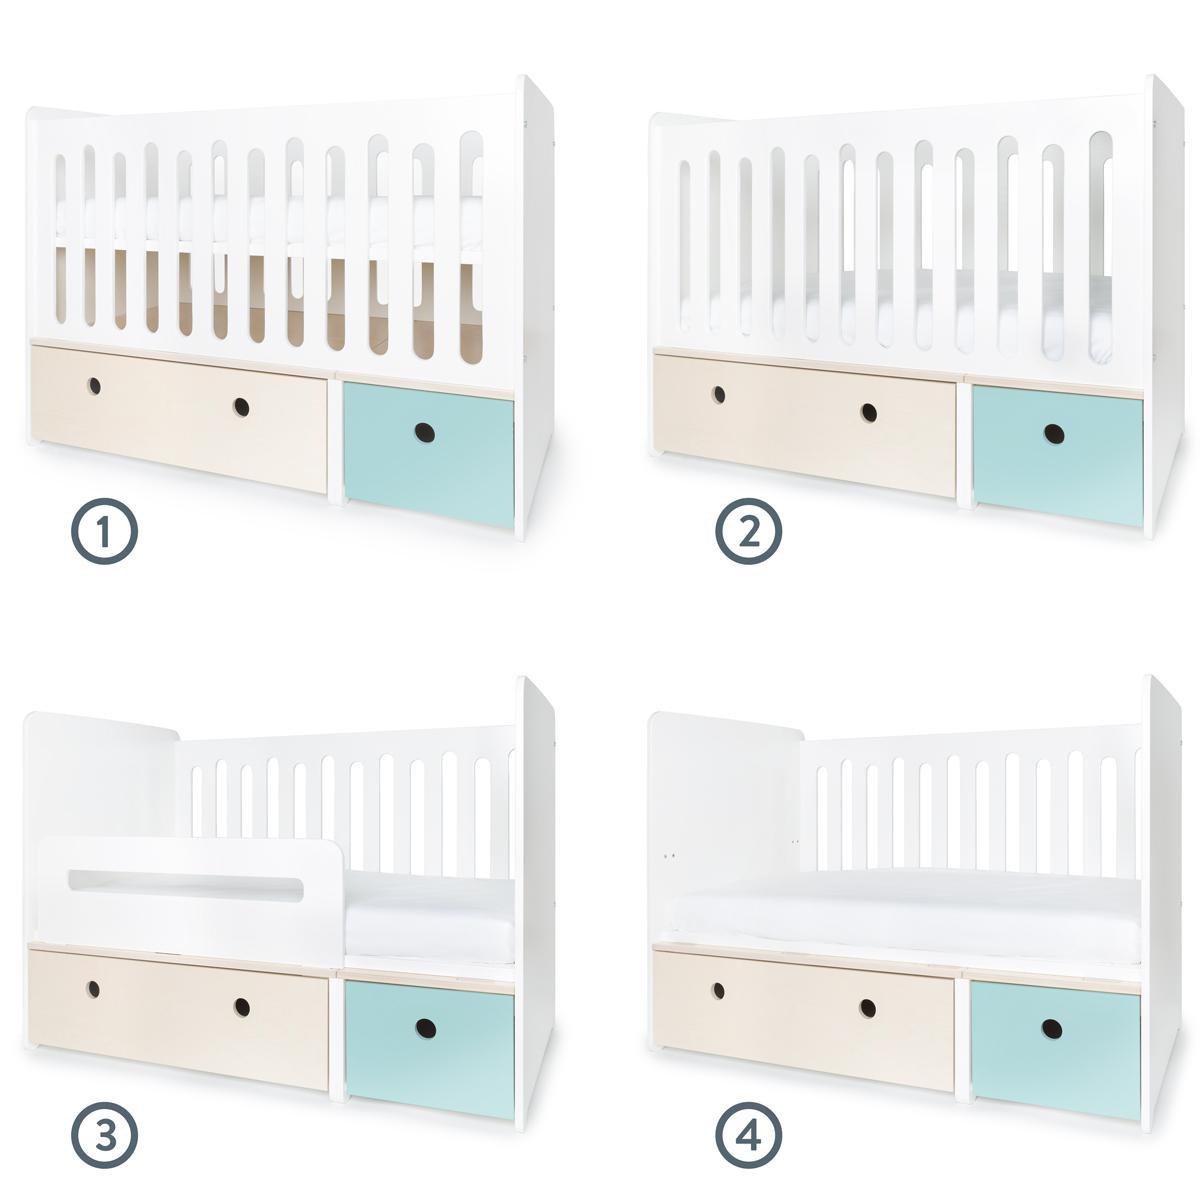 Lit bébé évolutif 70x140cm COLORFLEX façades sky blue-white wash